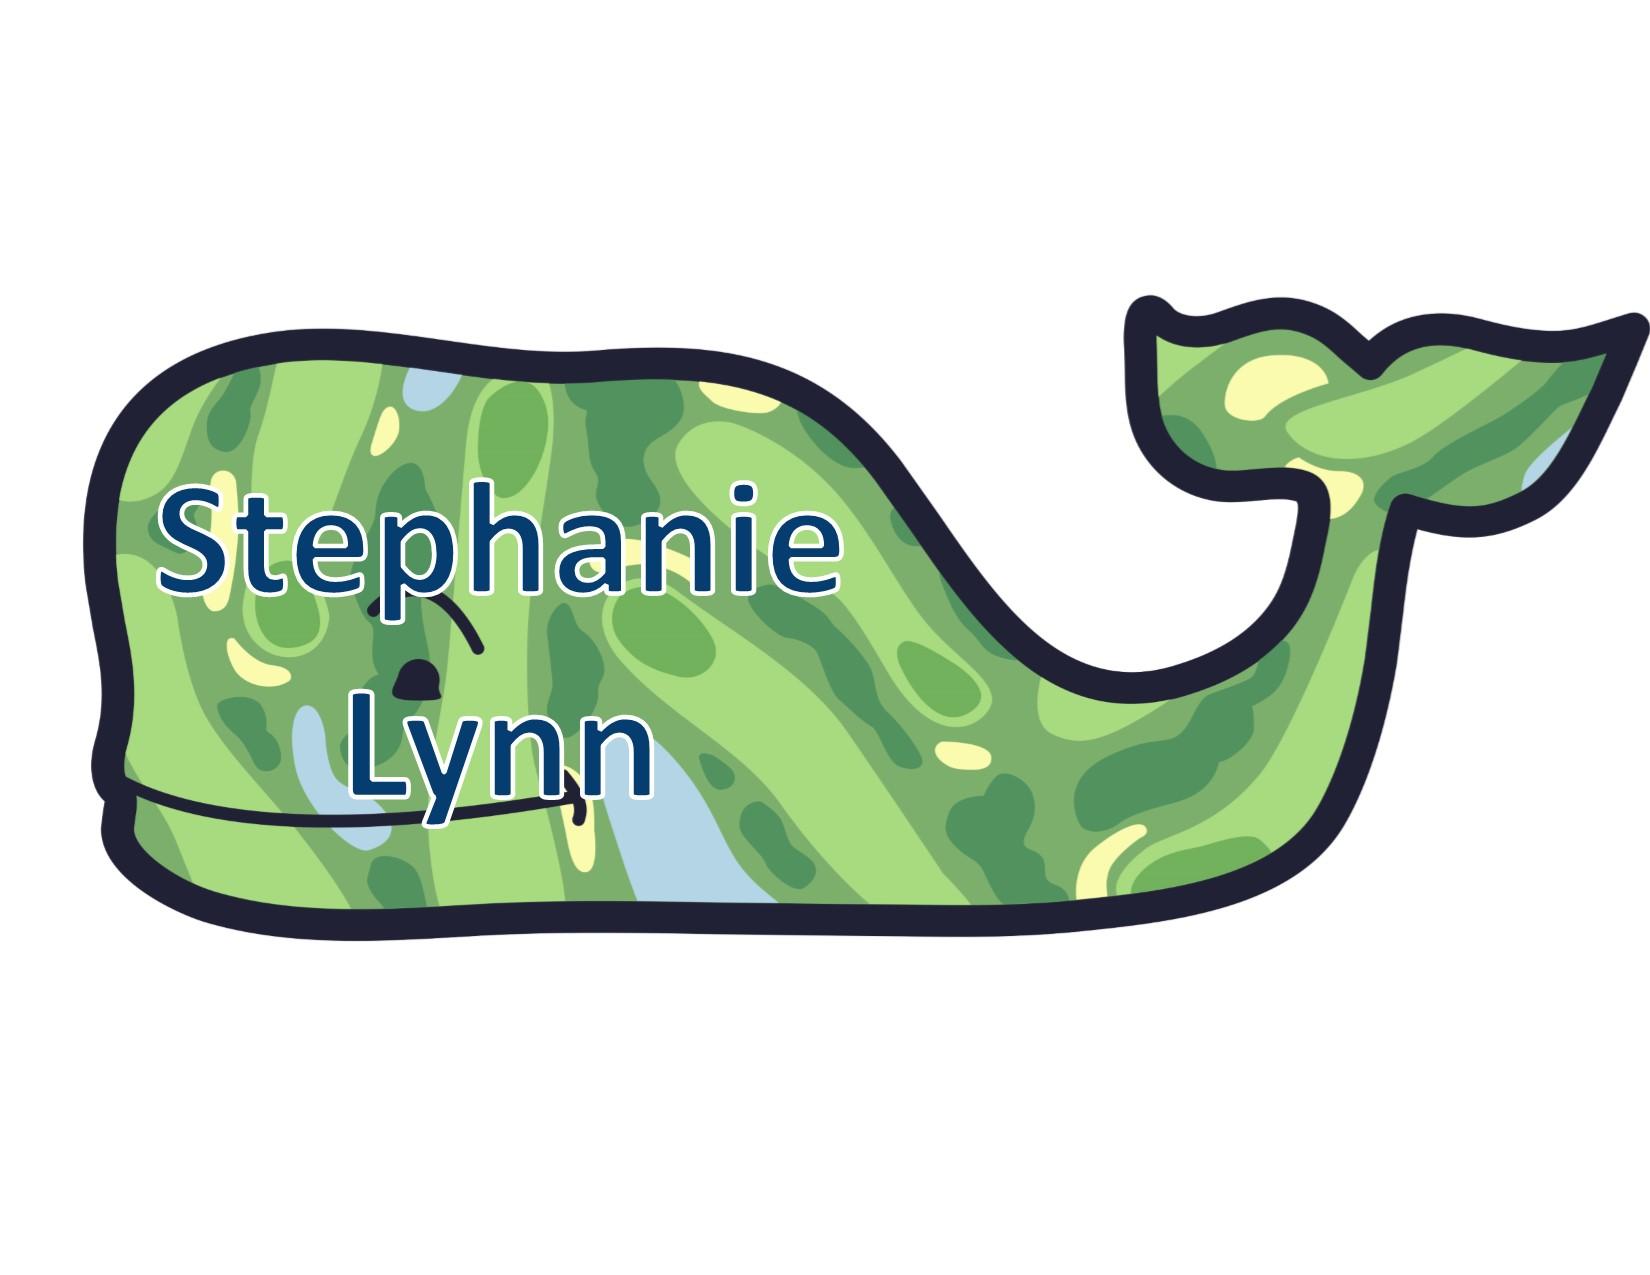 Lynn, Stephanie.jpg